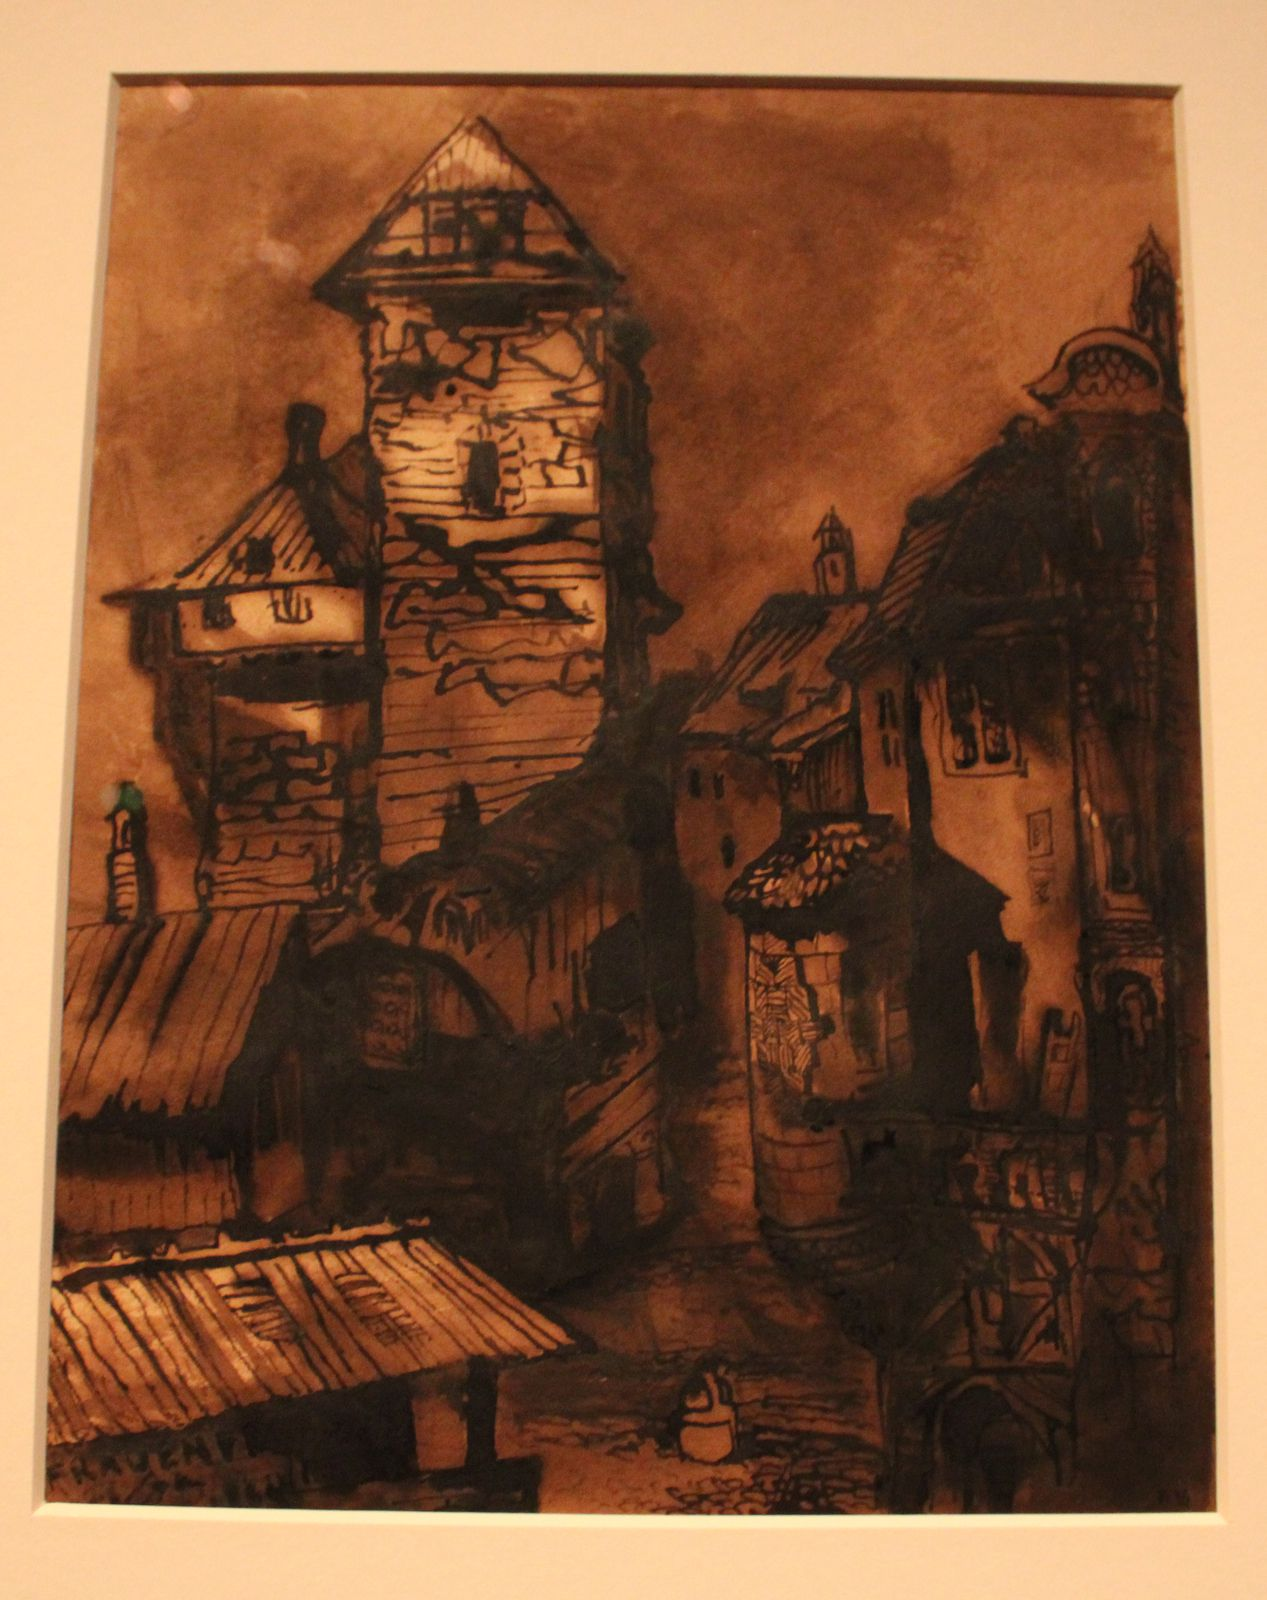 Fravenfeld - 1869 - Encre brune, lais sur papier. Dessin réalisé lors d'un voyage dans le canton suisse de Thurgovie